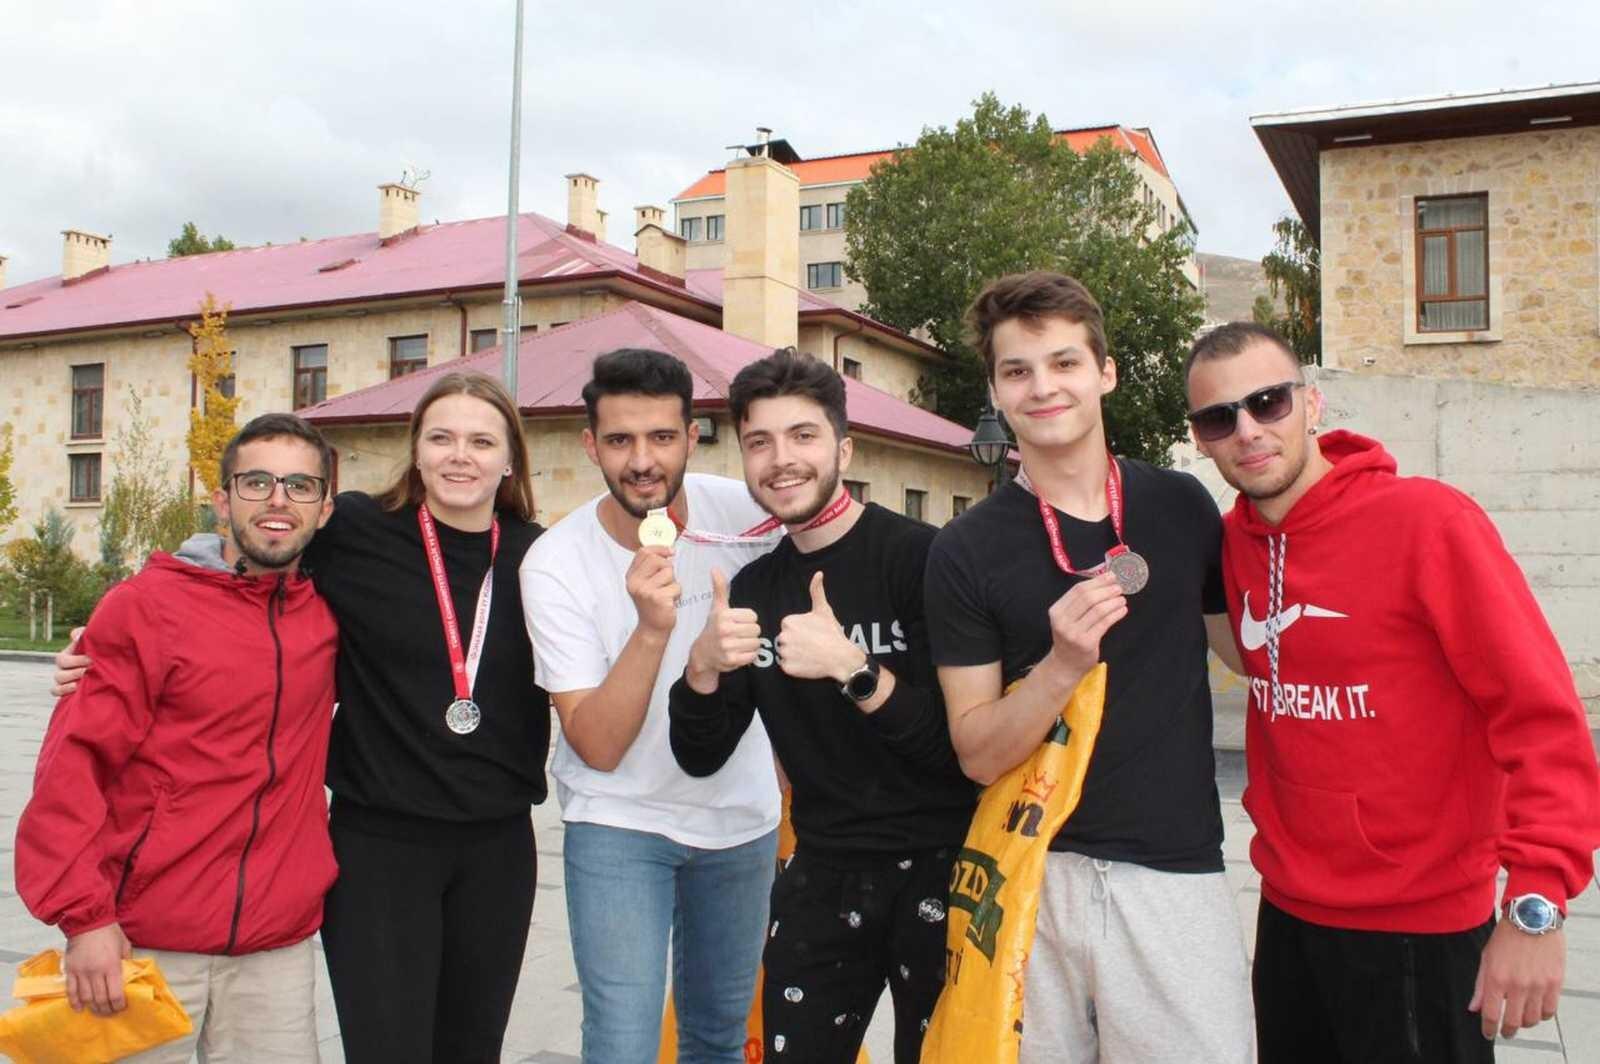 (Özel) Yabancı uyruklu üniversite öğrencileri, çuval yarışı, yakan top, yumurta taşıma oyunlarıyla doyasıya eğlendi #bayburt